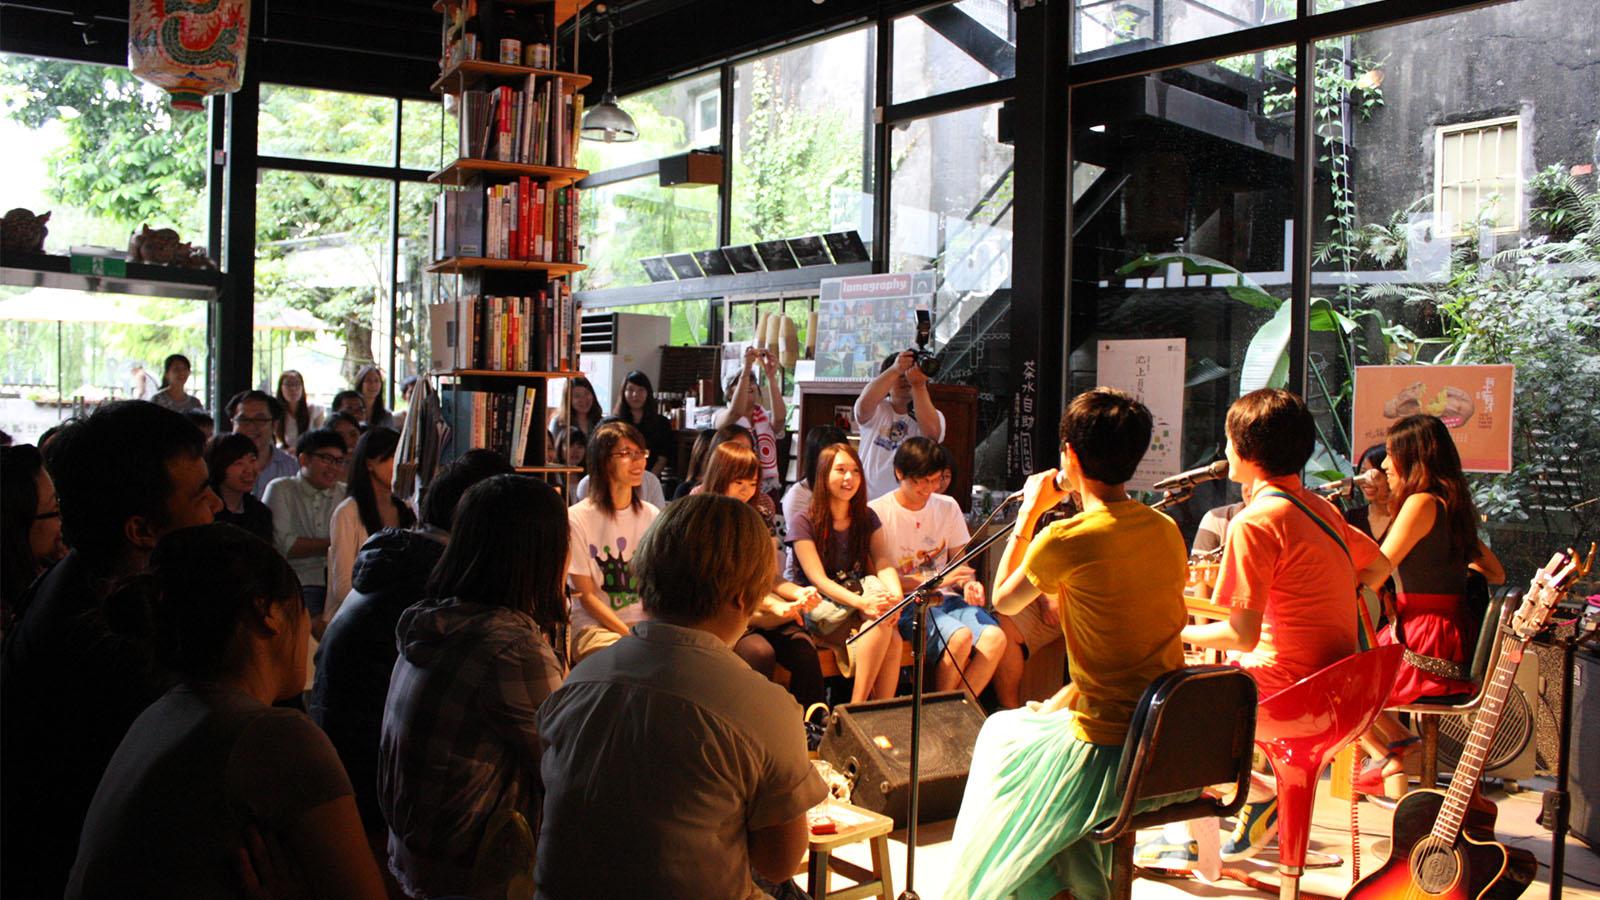 三峽文創聚落平台「文創。工藝。社區。公益」 這是一個將荒廢已久的百年古厝變身成藝文展演空間的場域,除了提供餐飲服務之外,各類藝文展演活動也可以在這裡盡情發揮。場地可進行簡報課程、音樂表演、戲劇演出、團體活動、  廣告拍攝...等活動,歡迎跟我們討論,在老厝裡跟家人和朋友創造最獨特的記憶。 | 甘樂食堂 | 古厝裡的美味時光